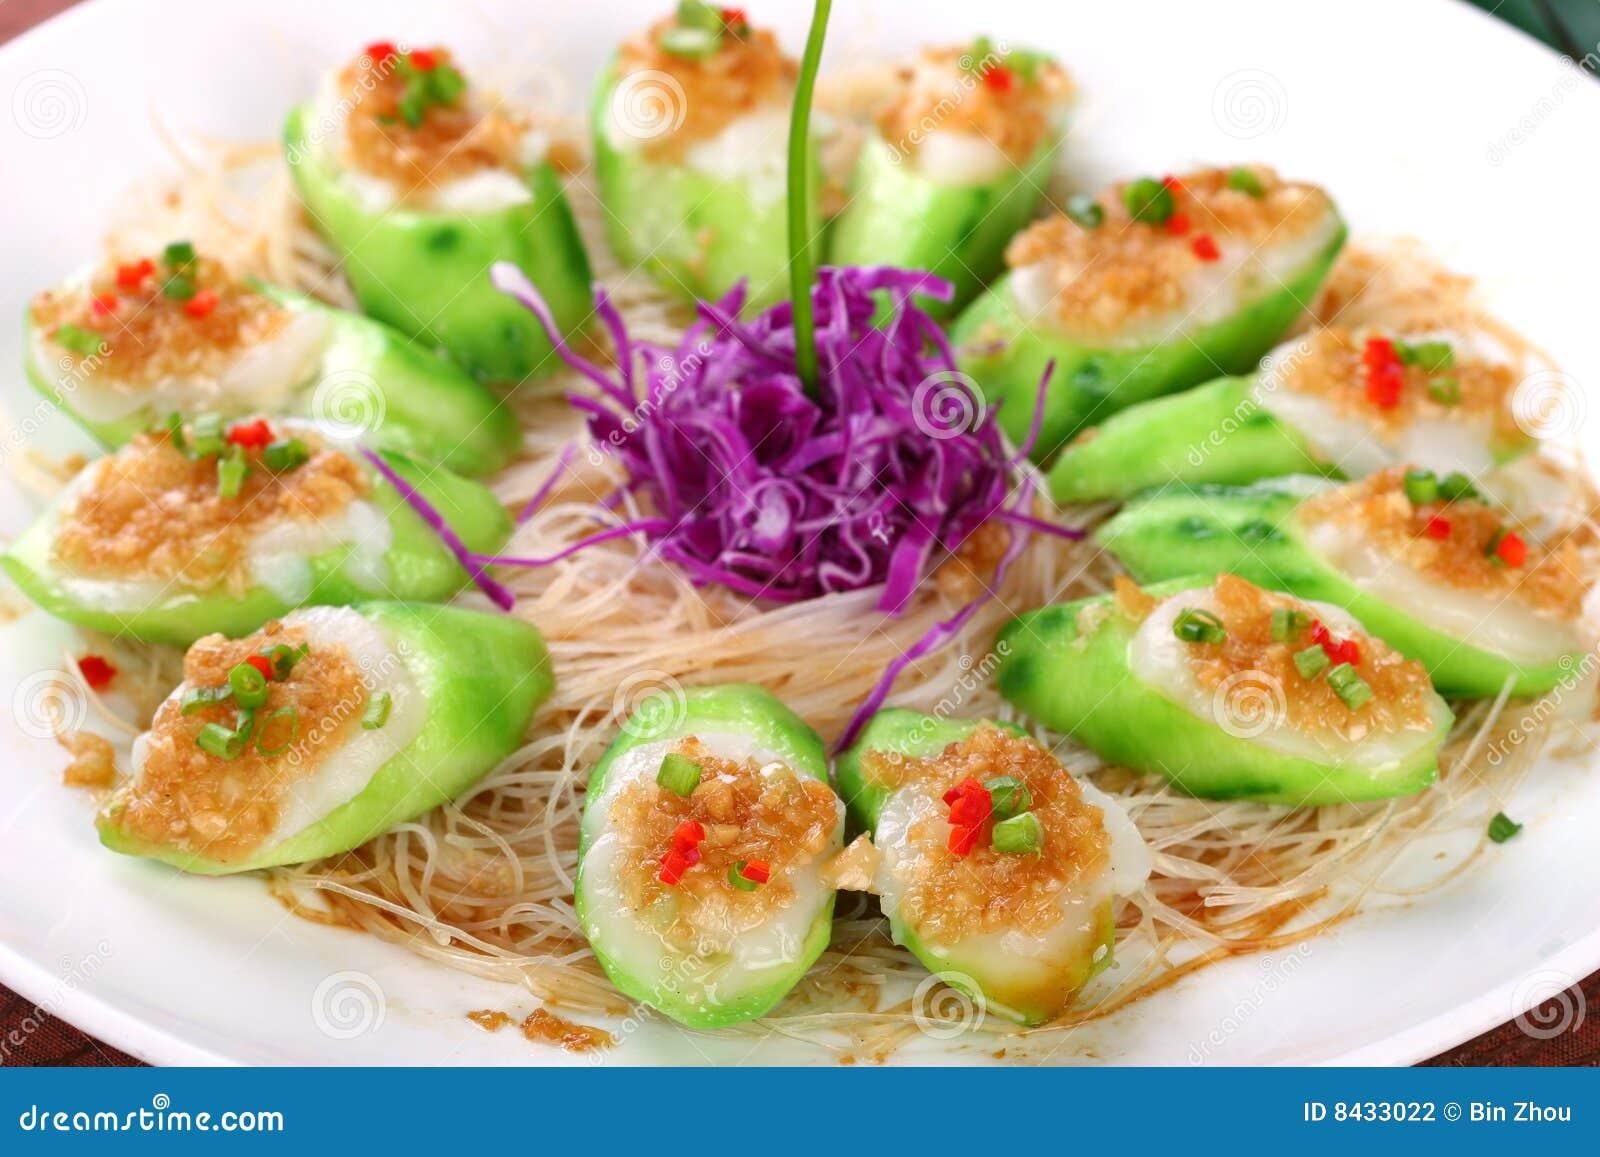 Fischrogen asiatischer Nahrungtuch Kürbis